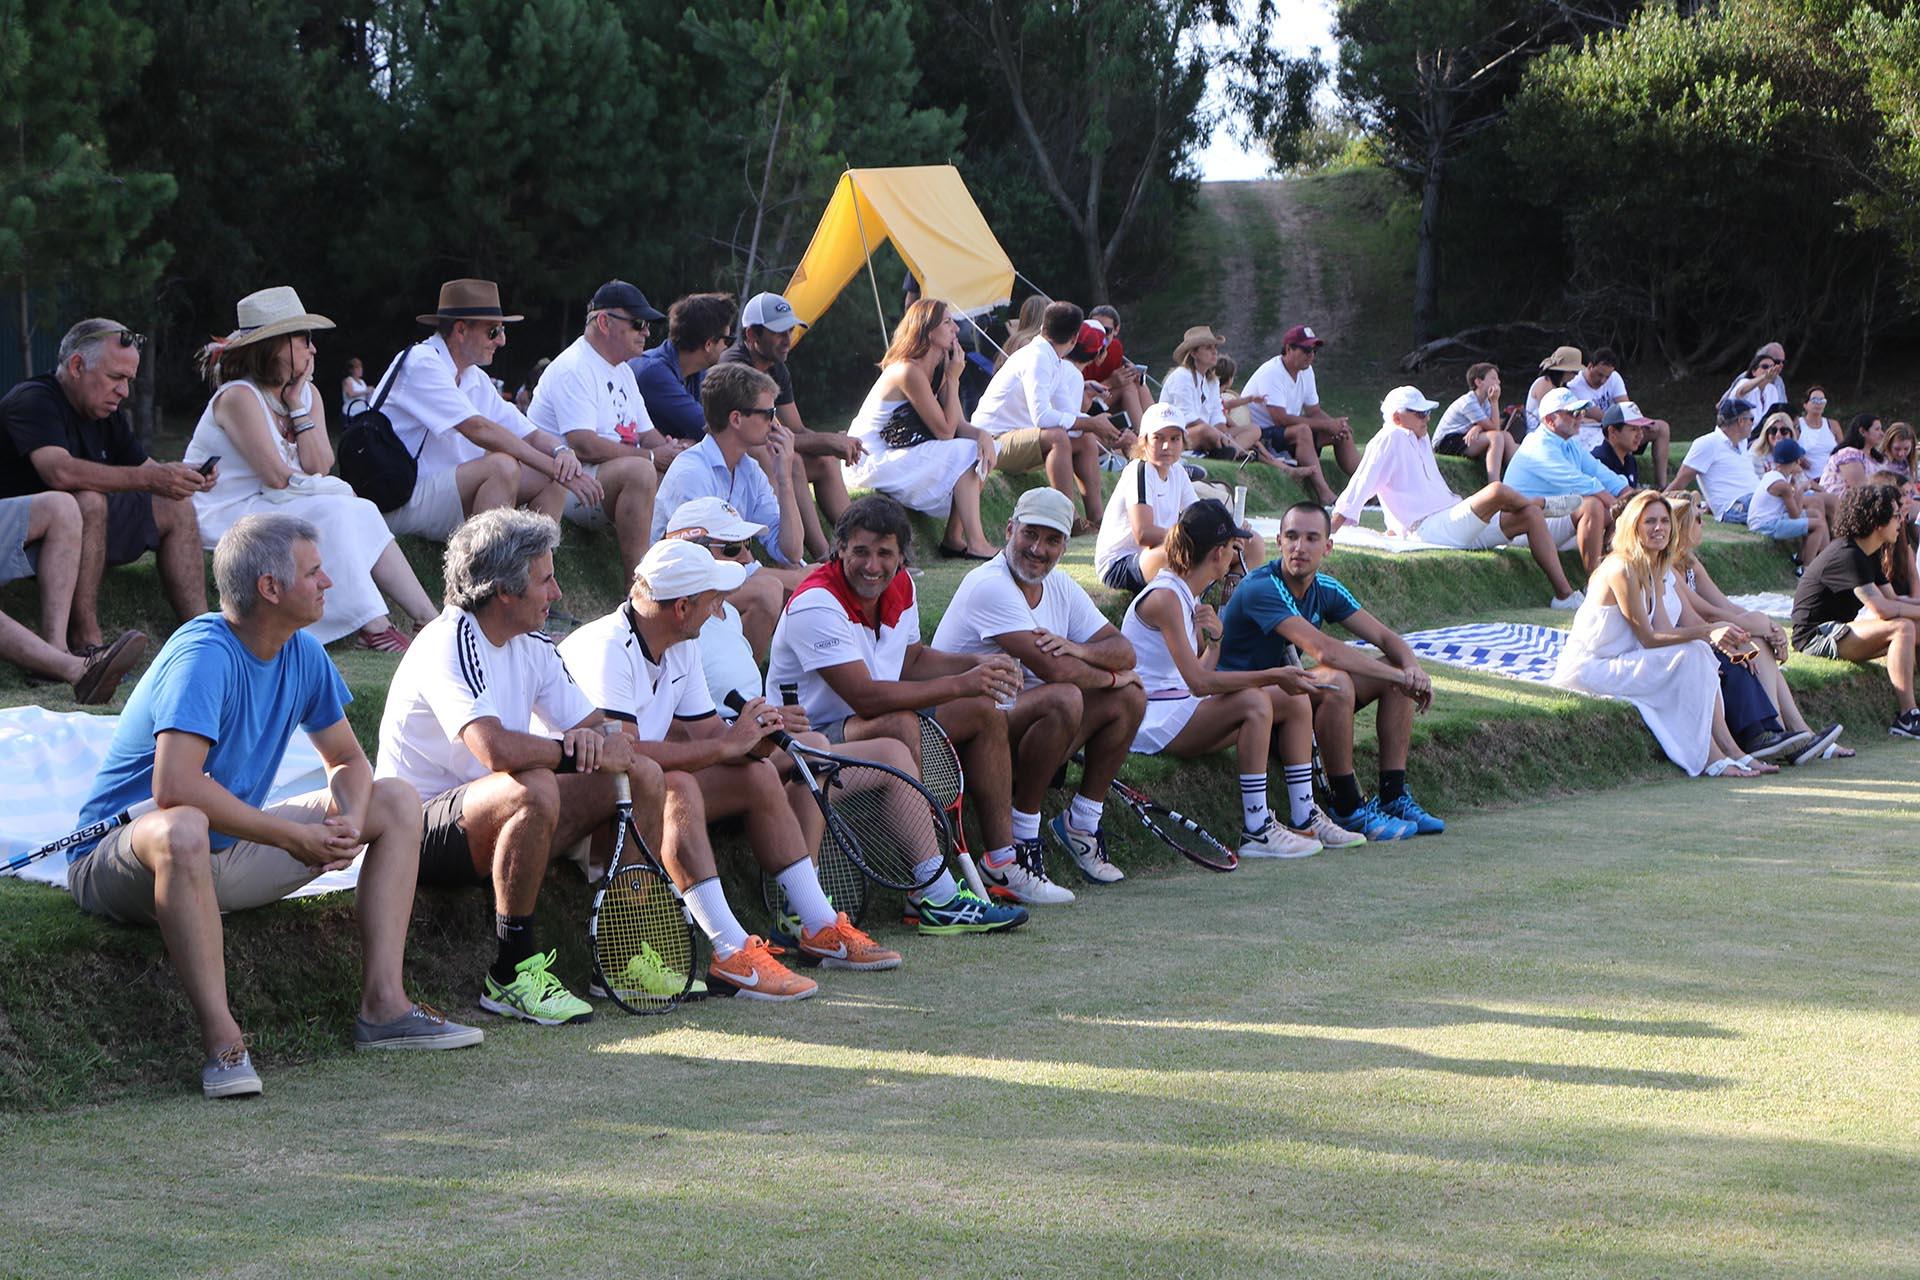 Los invitados siguieron con atención el torneo